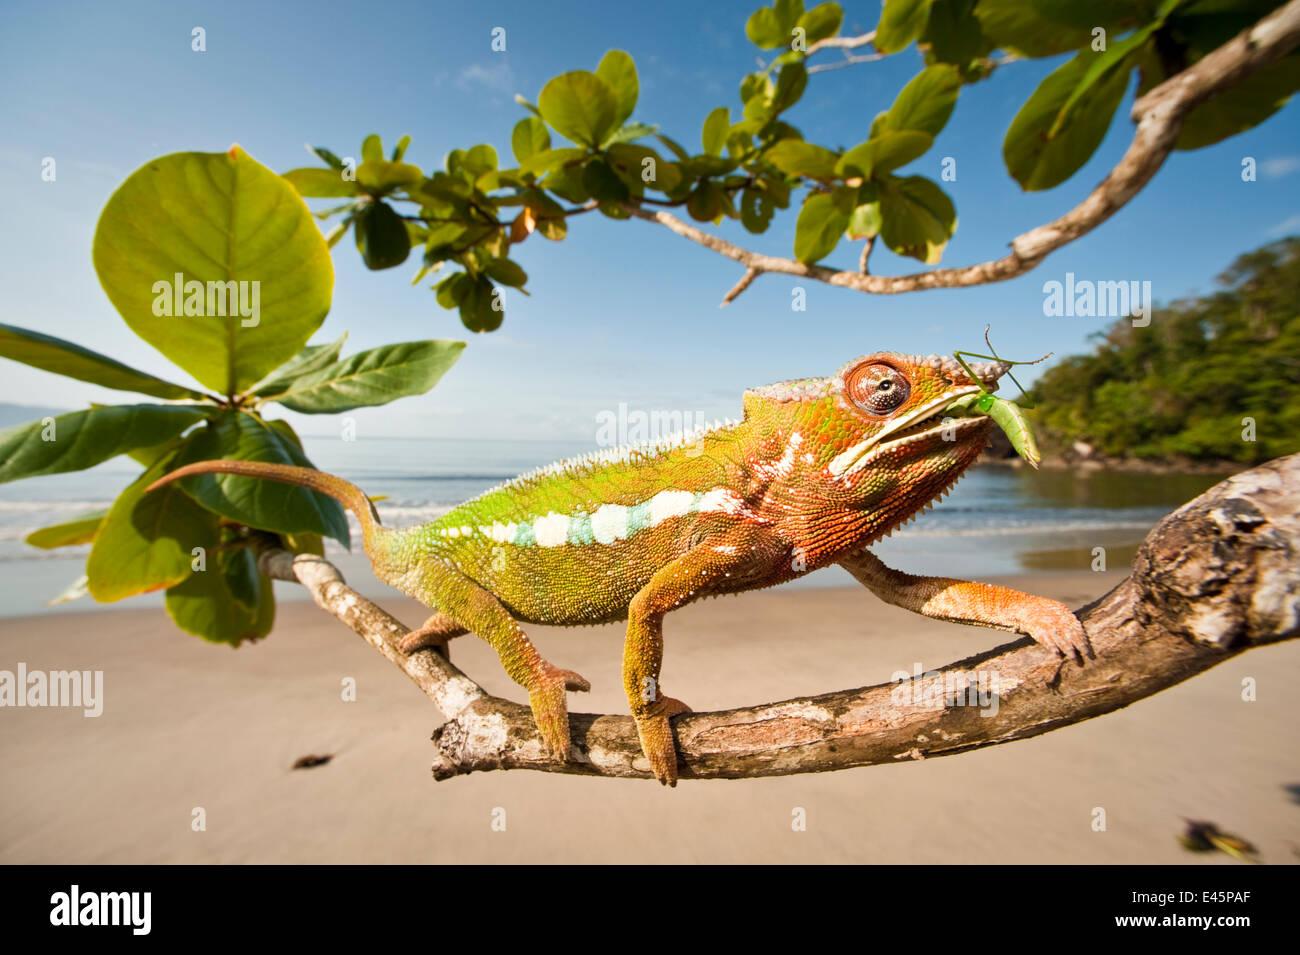 Männliche Pantherchamäleon (Furcifer Pardalis) Fütterung auf Preying Mantis in Seite Strandvegetation. Stockbild